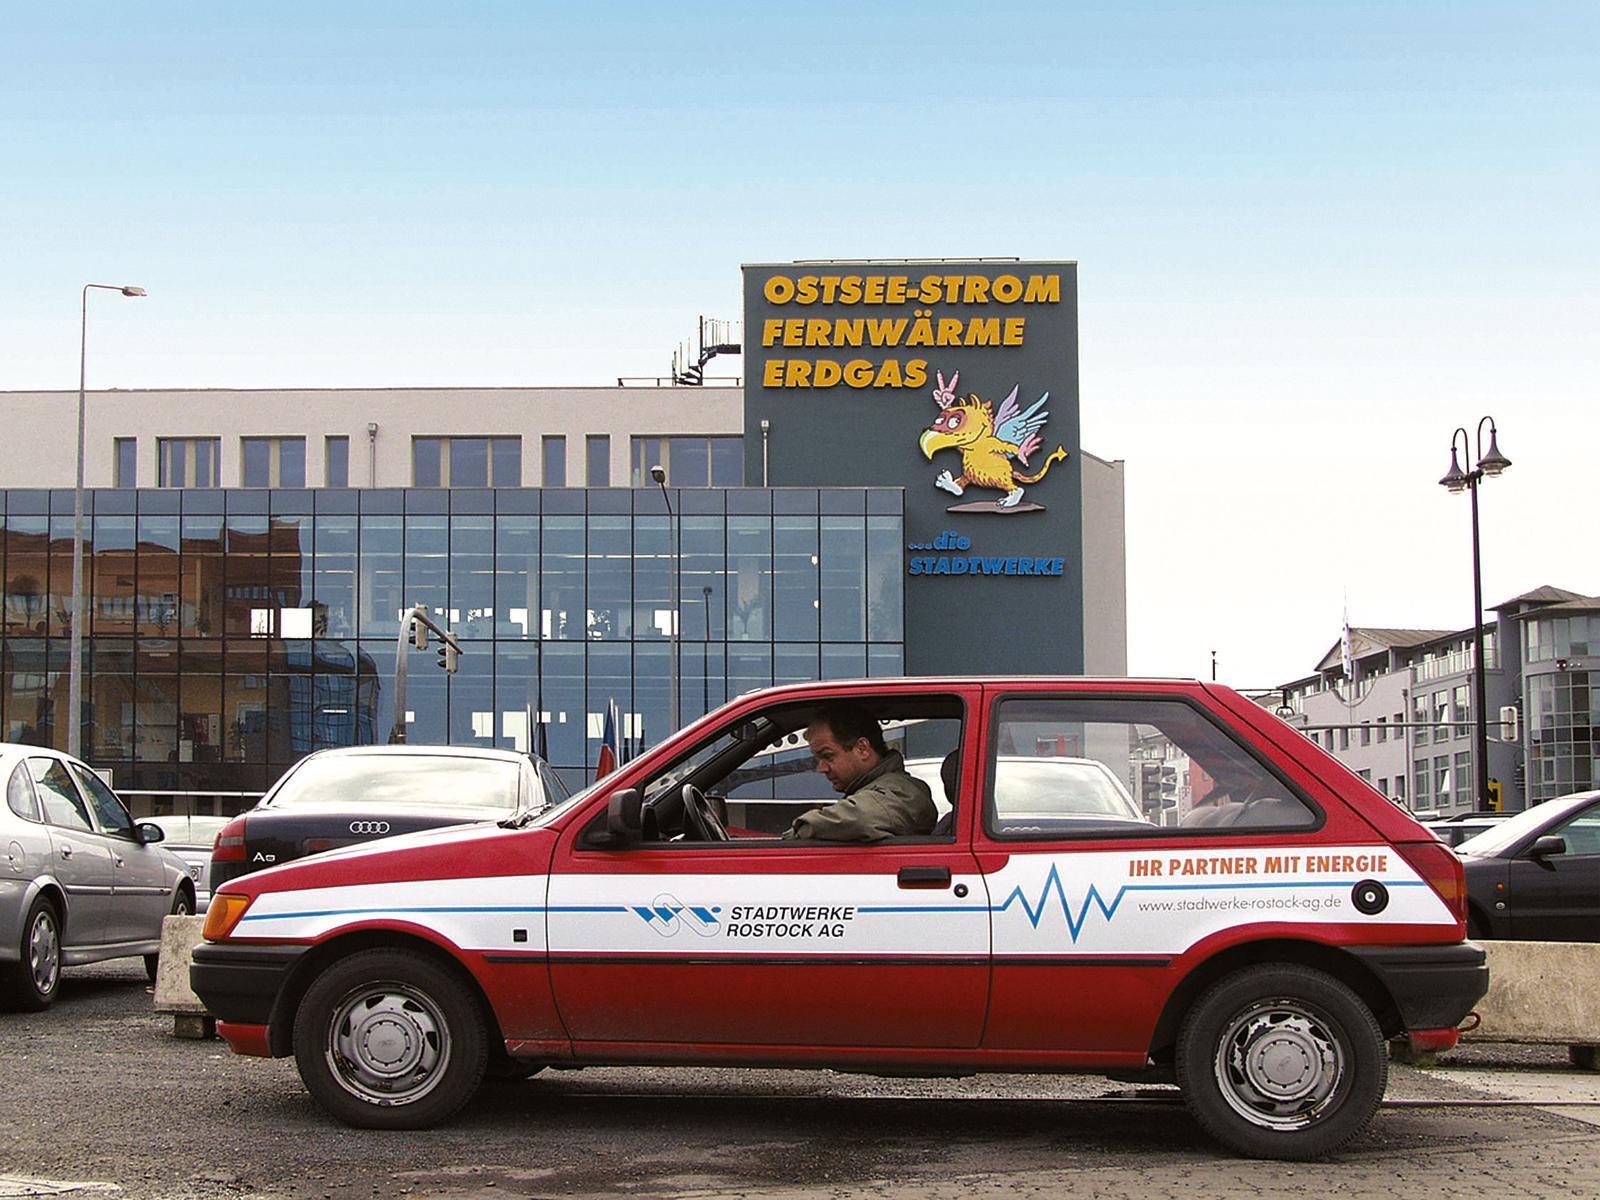 2002 - Erstmals haben wir auf unseren Fahrzeugen eine einheitliche Gestaltung